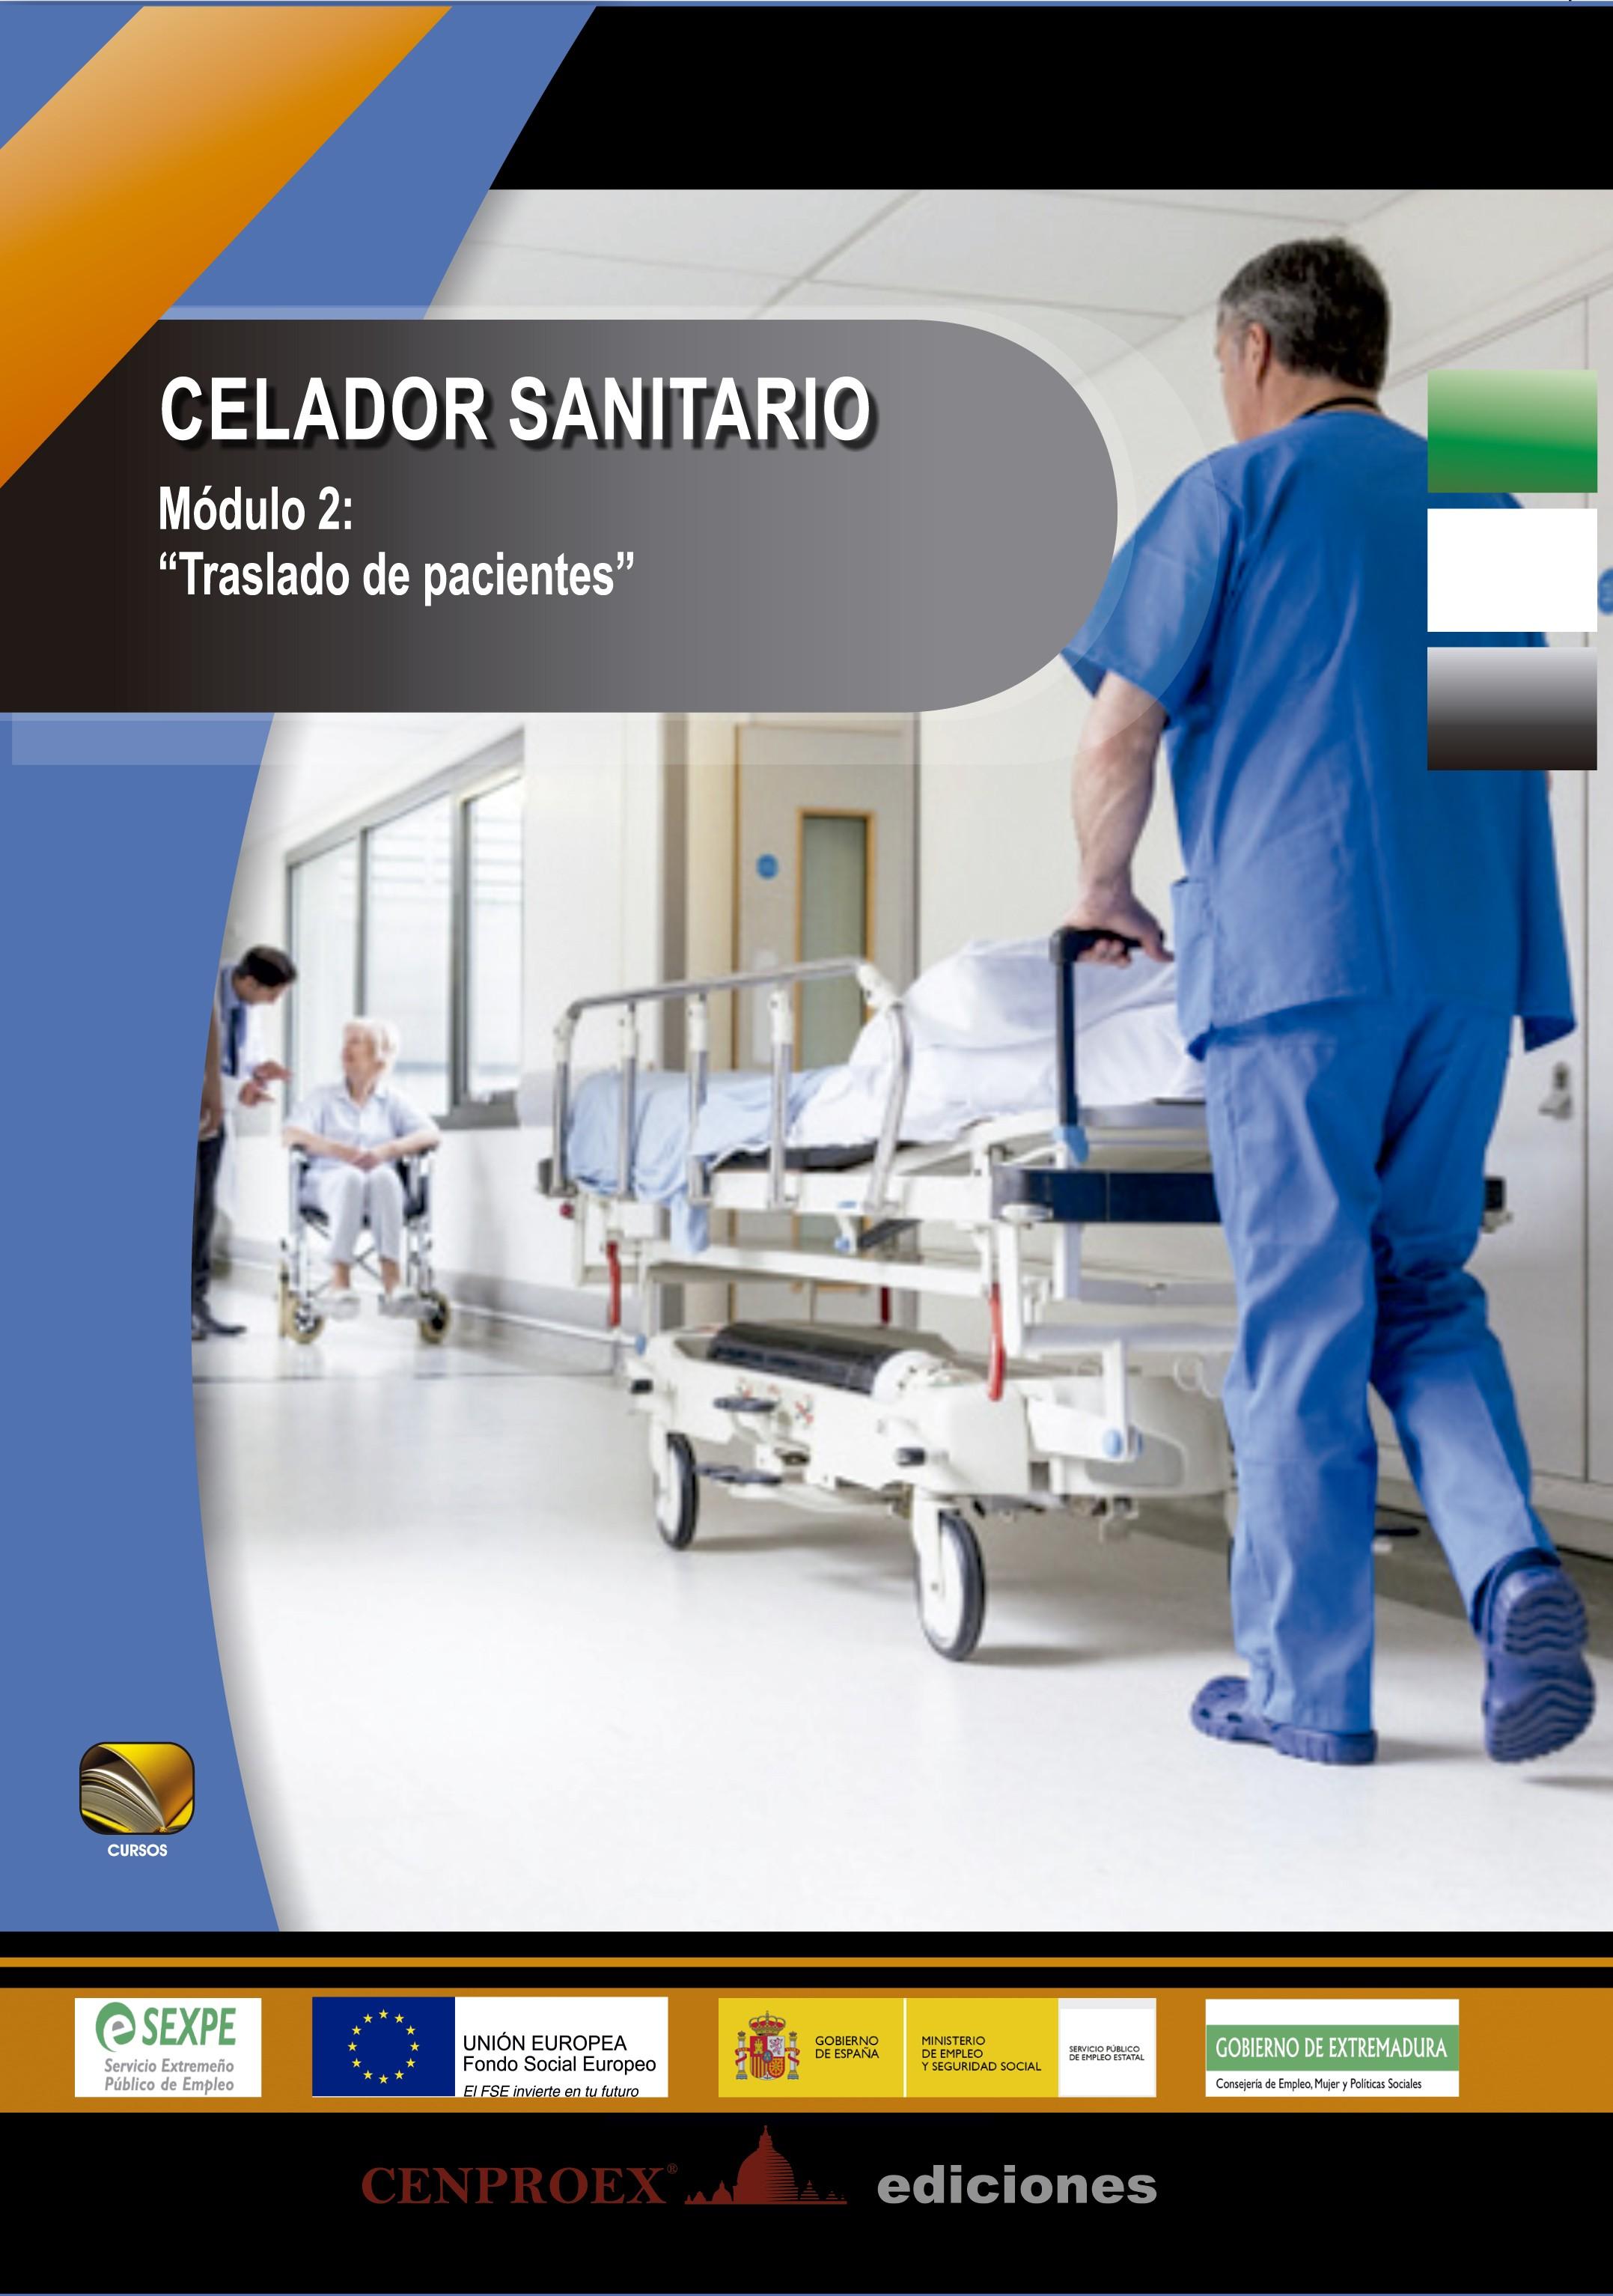 119. Celador Sanitario